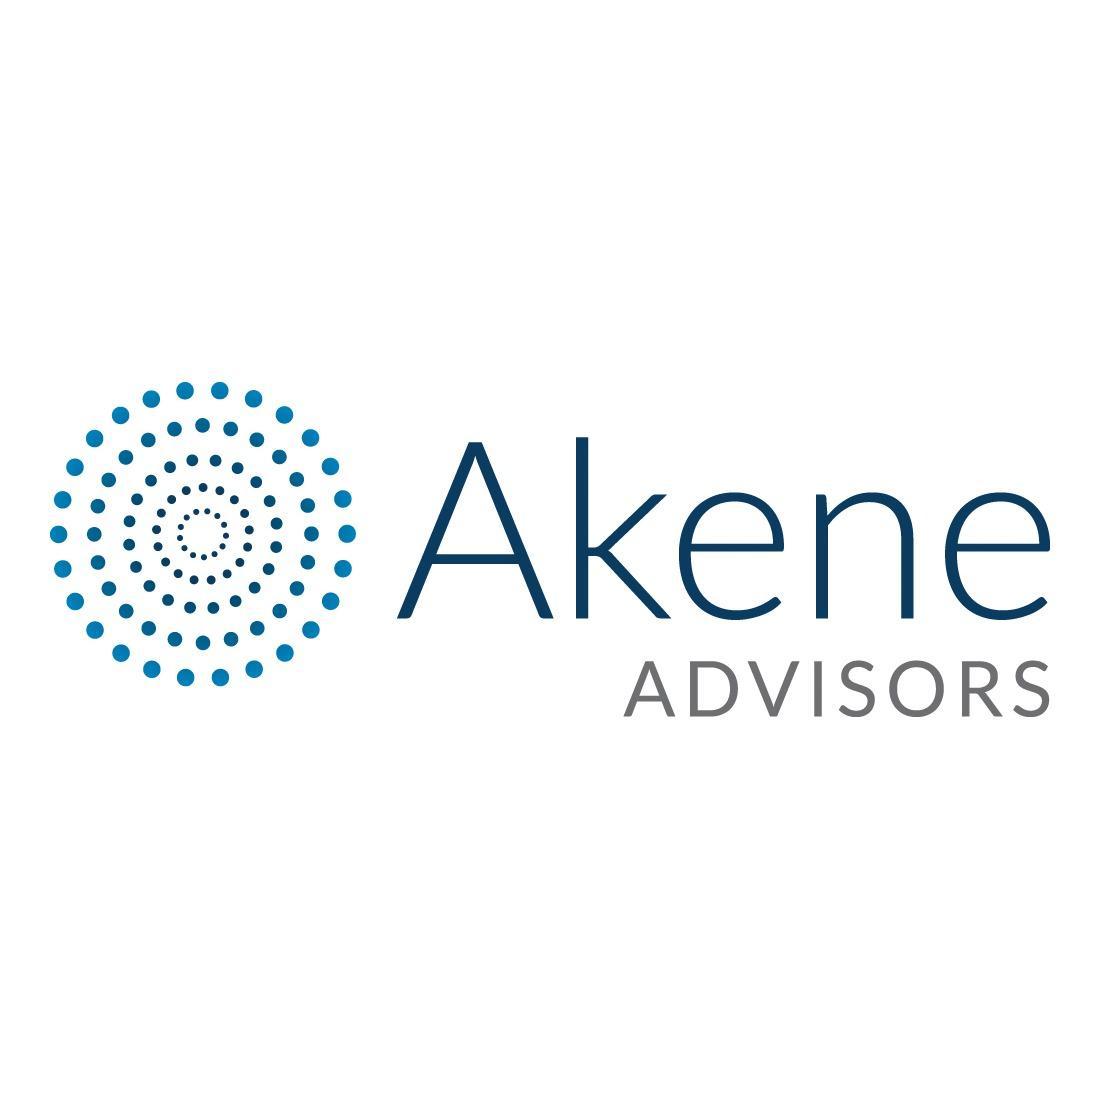 Akene Advisors - Darien, IL 60561 - (312)488-1416 | ShowMeLocal.com